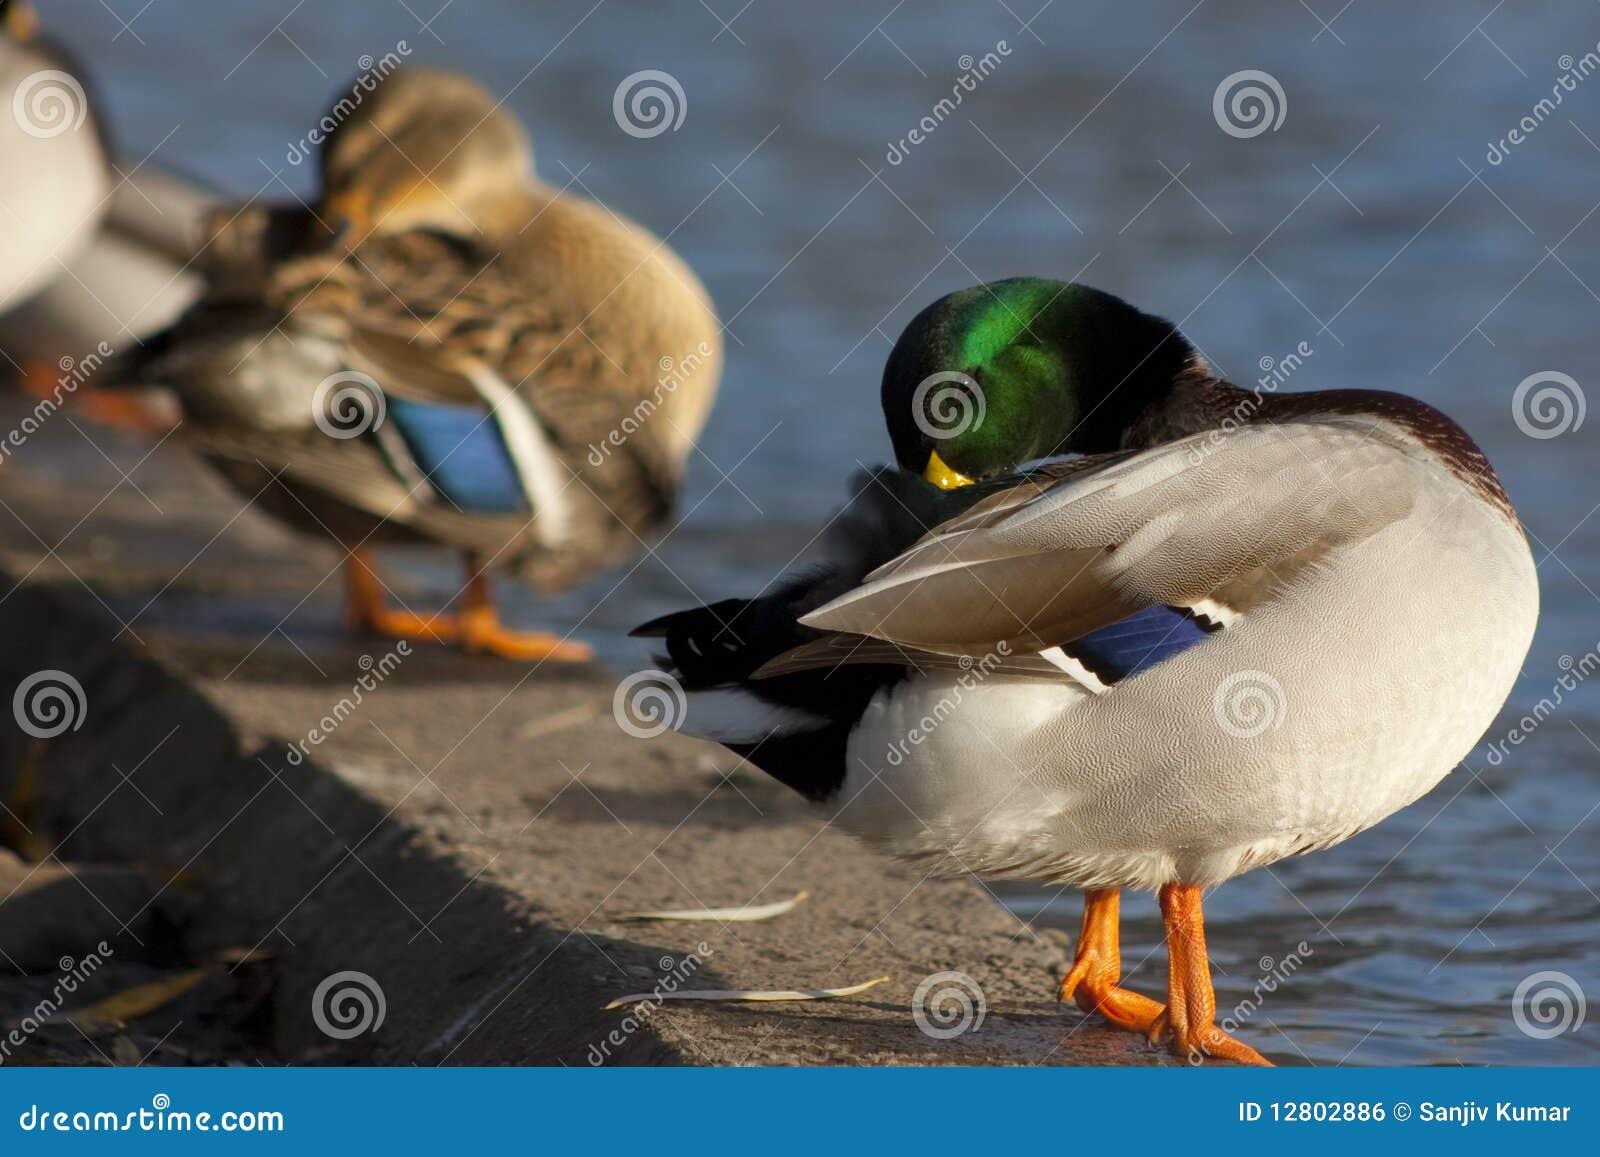 Limpeza ela mesma do pato